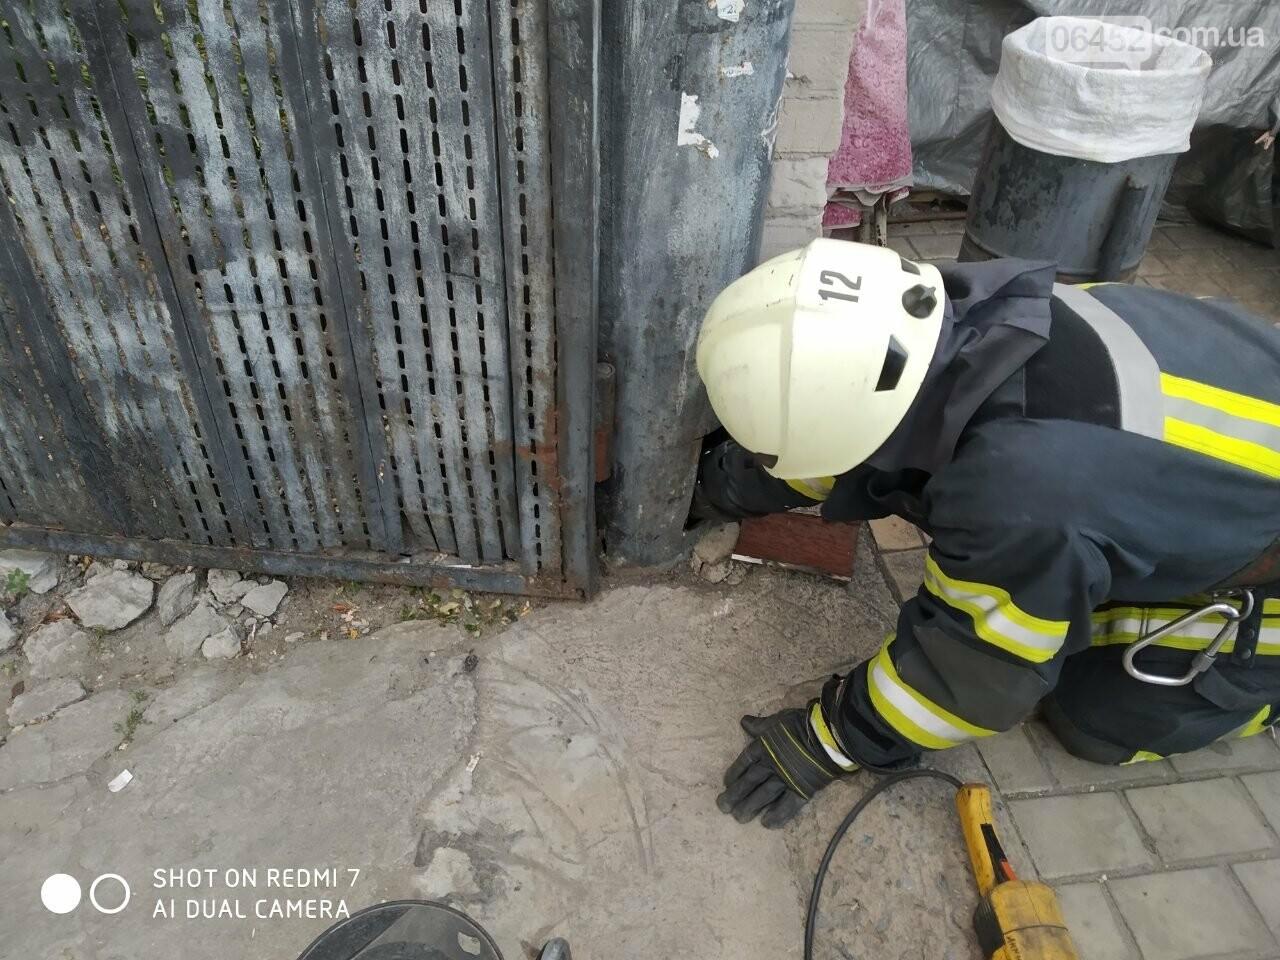 Северодонецкие спасатели освободили кота, застрявшего в трубе ворот, фото-2